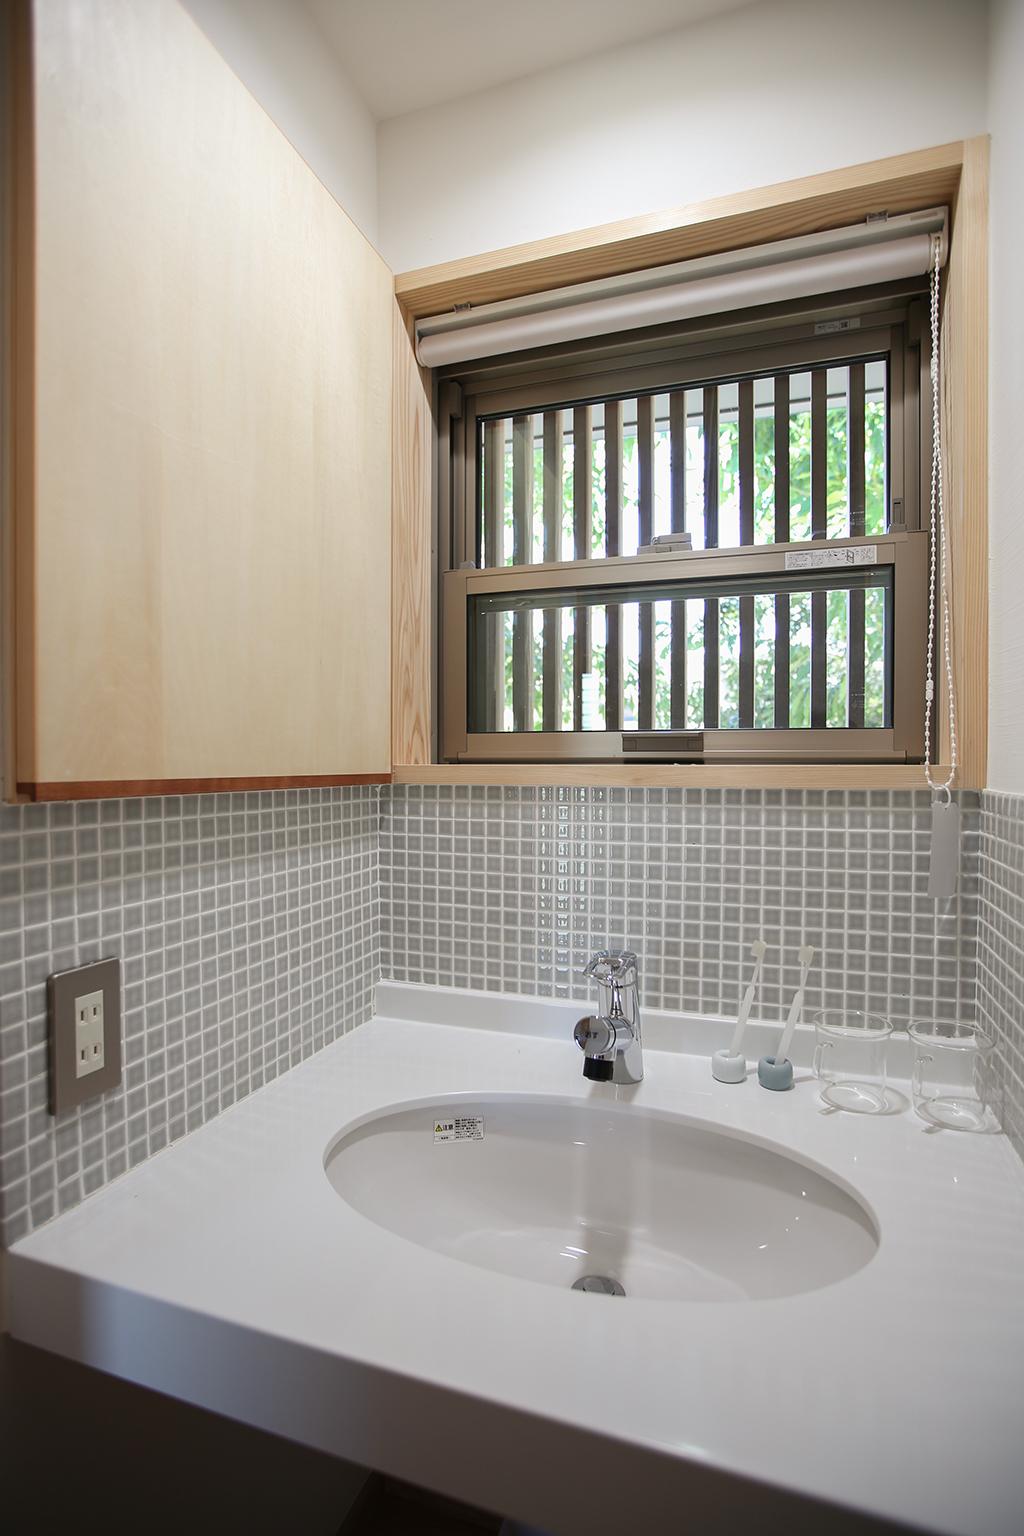 明石市の木の家 モザイクタイルが可愛い造作洗面台